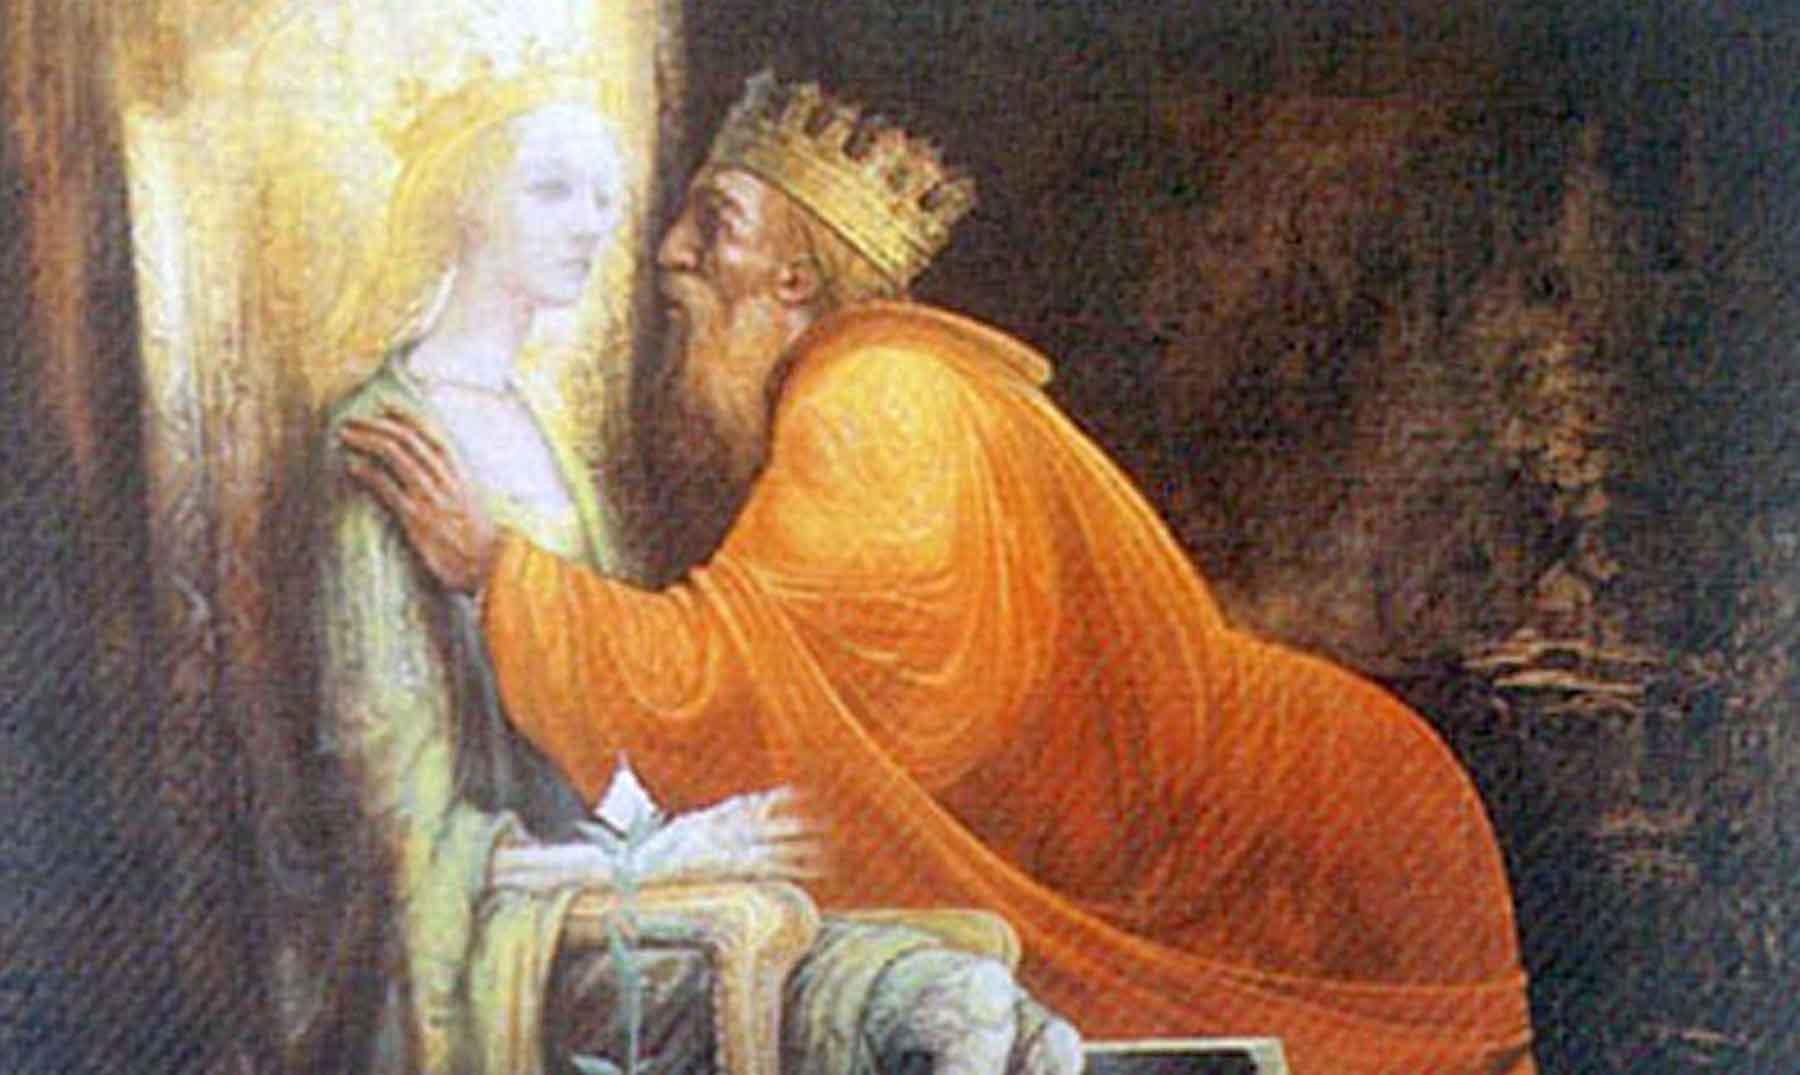 Inés de Castro. La historia de la Reina Cadáver - Supercurioso